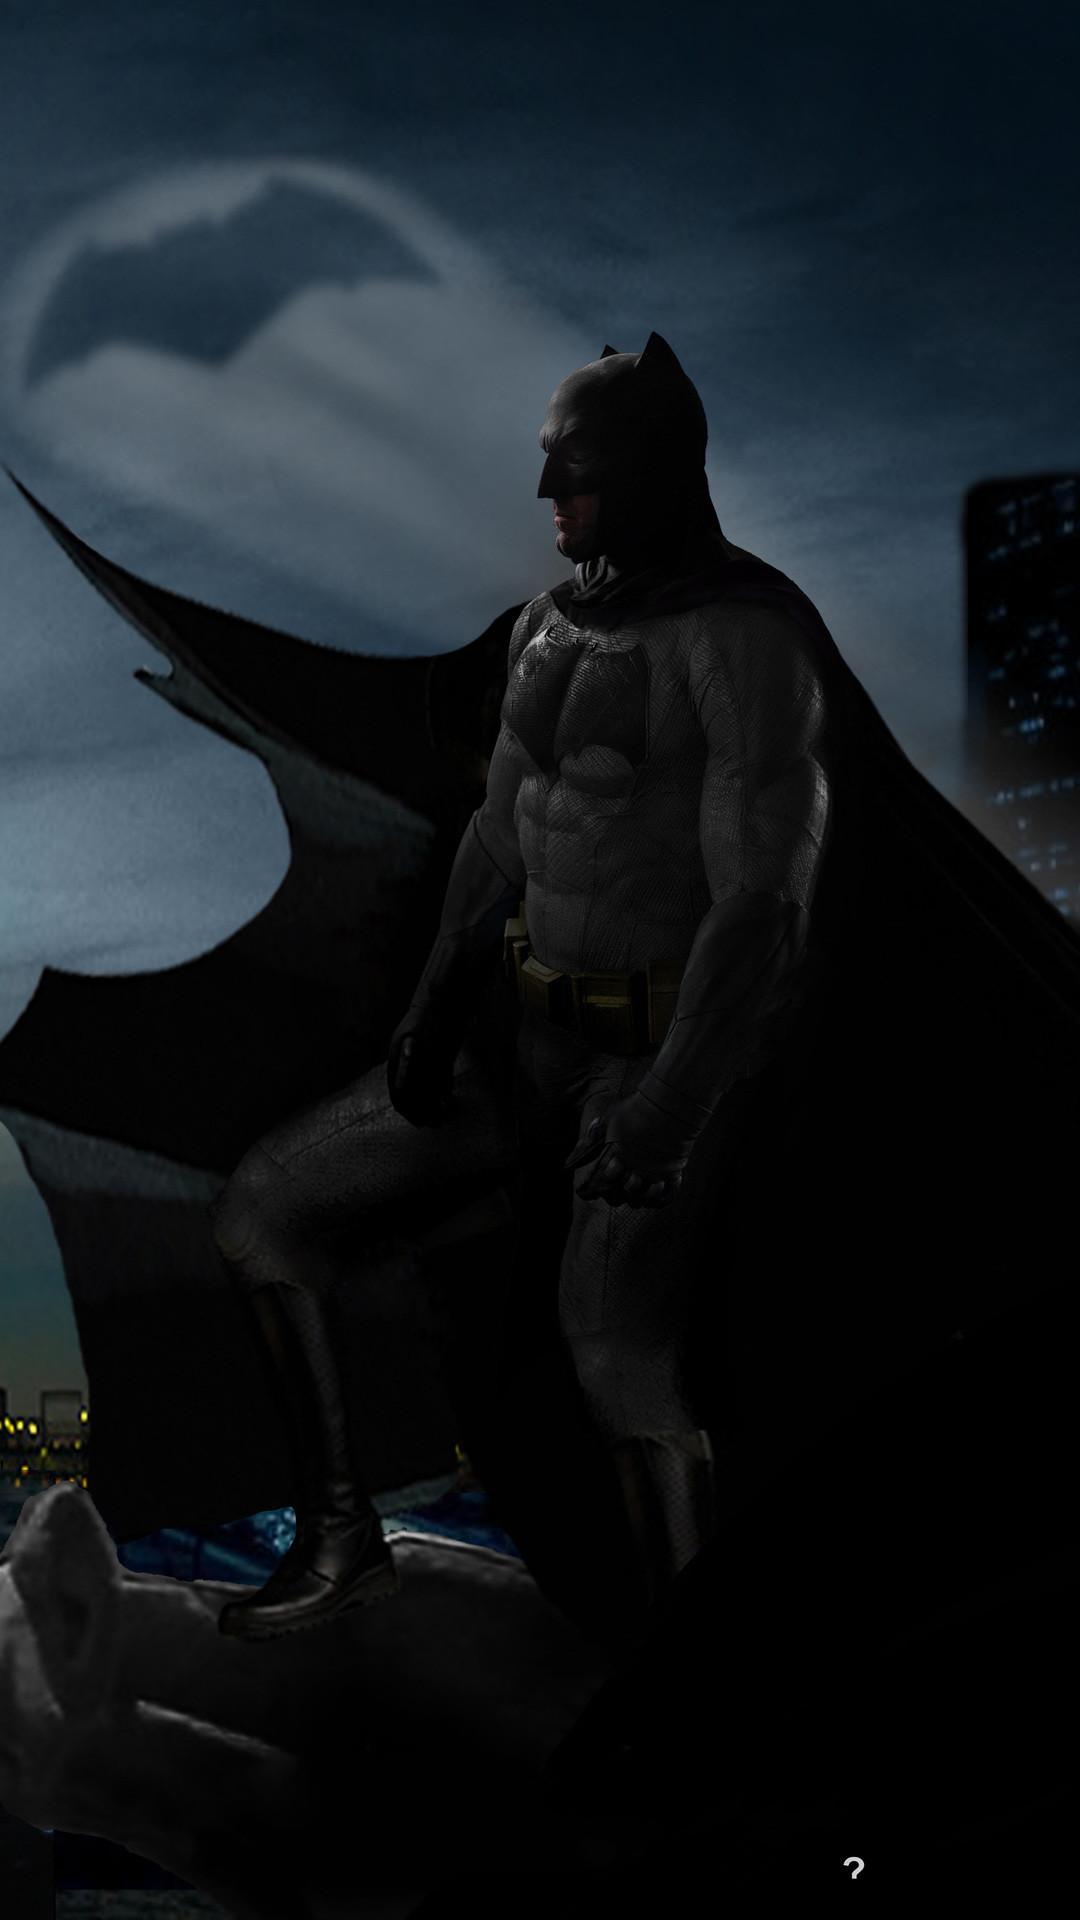 Batman V Superman Iphone Wallpaper 88 Images - Batman Iphone Wallpaper 4k - HD Wallpaper